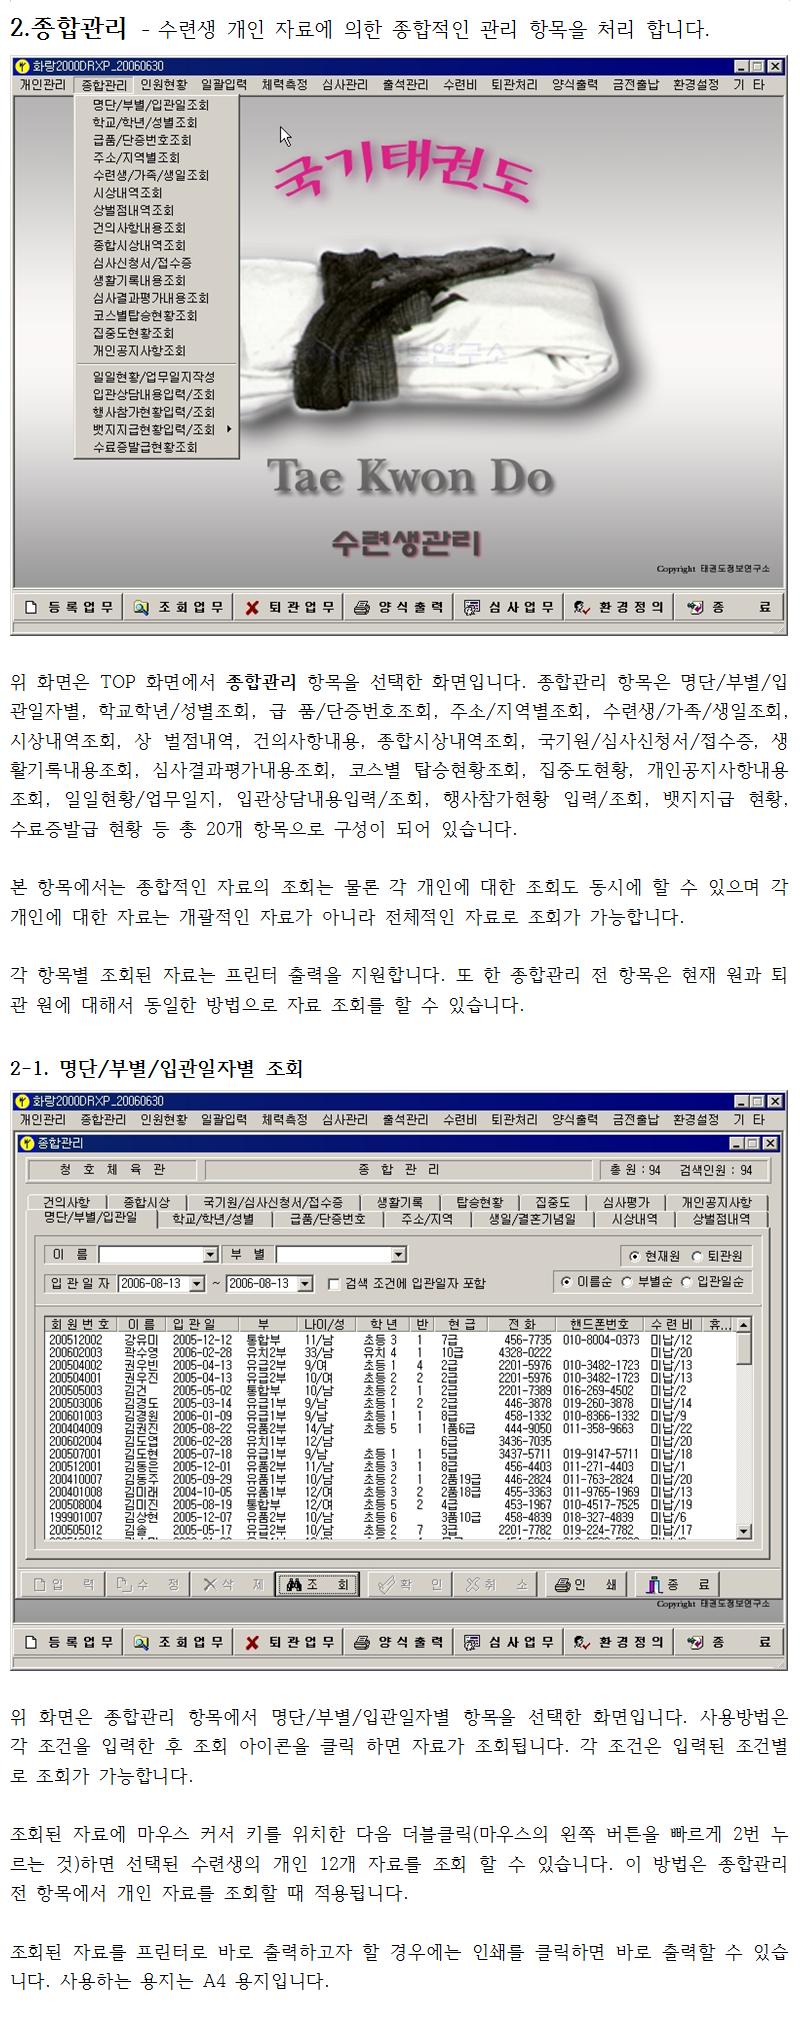 _종합_2-1_명단부별입관일자별조회.png